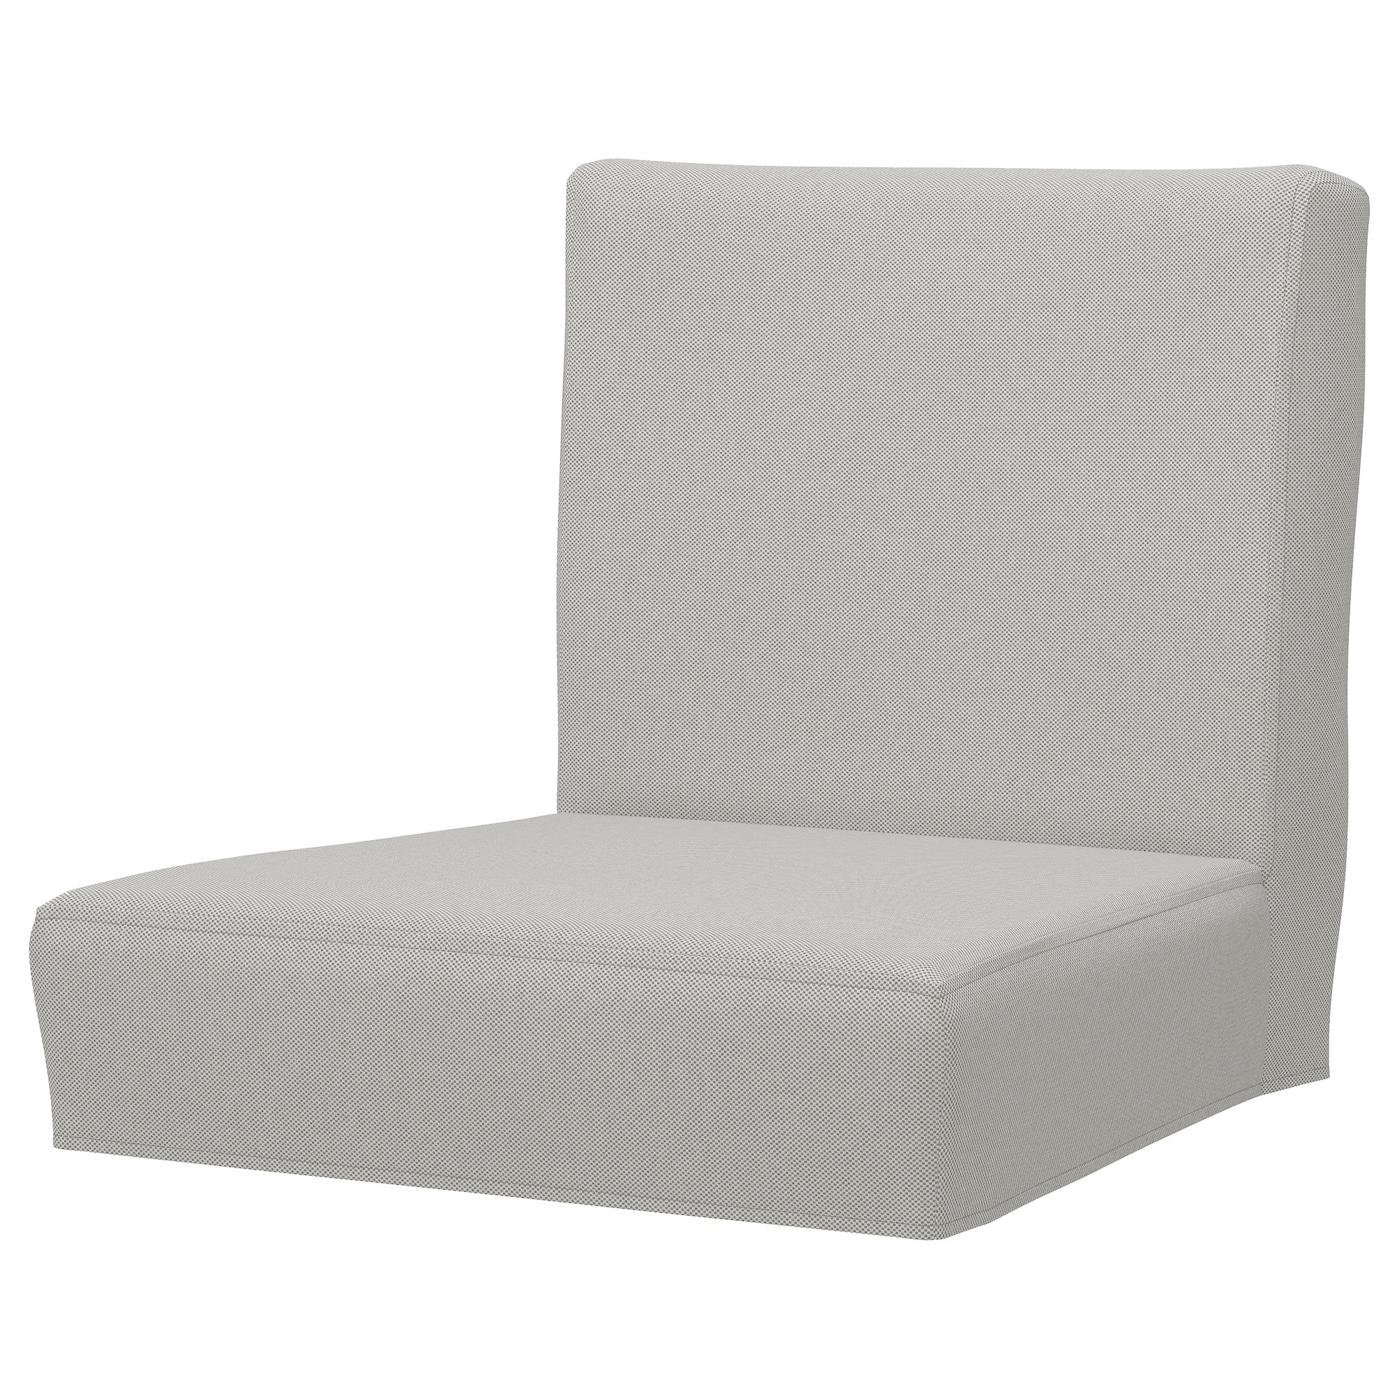 henriksdal housse pr tabouret bar avec dossier orrsta gris clair ikea. Black Bedroom Furniture Sets. Home Design Ideas